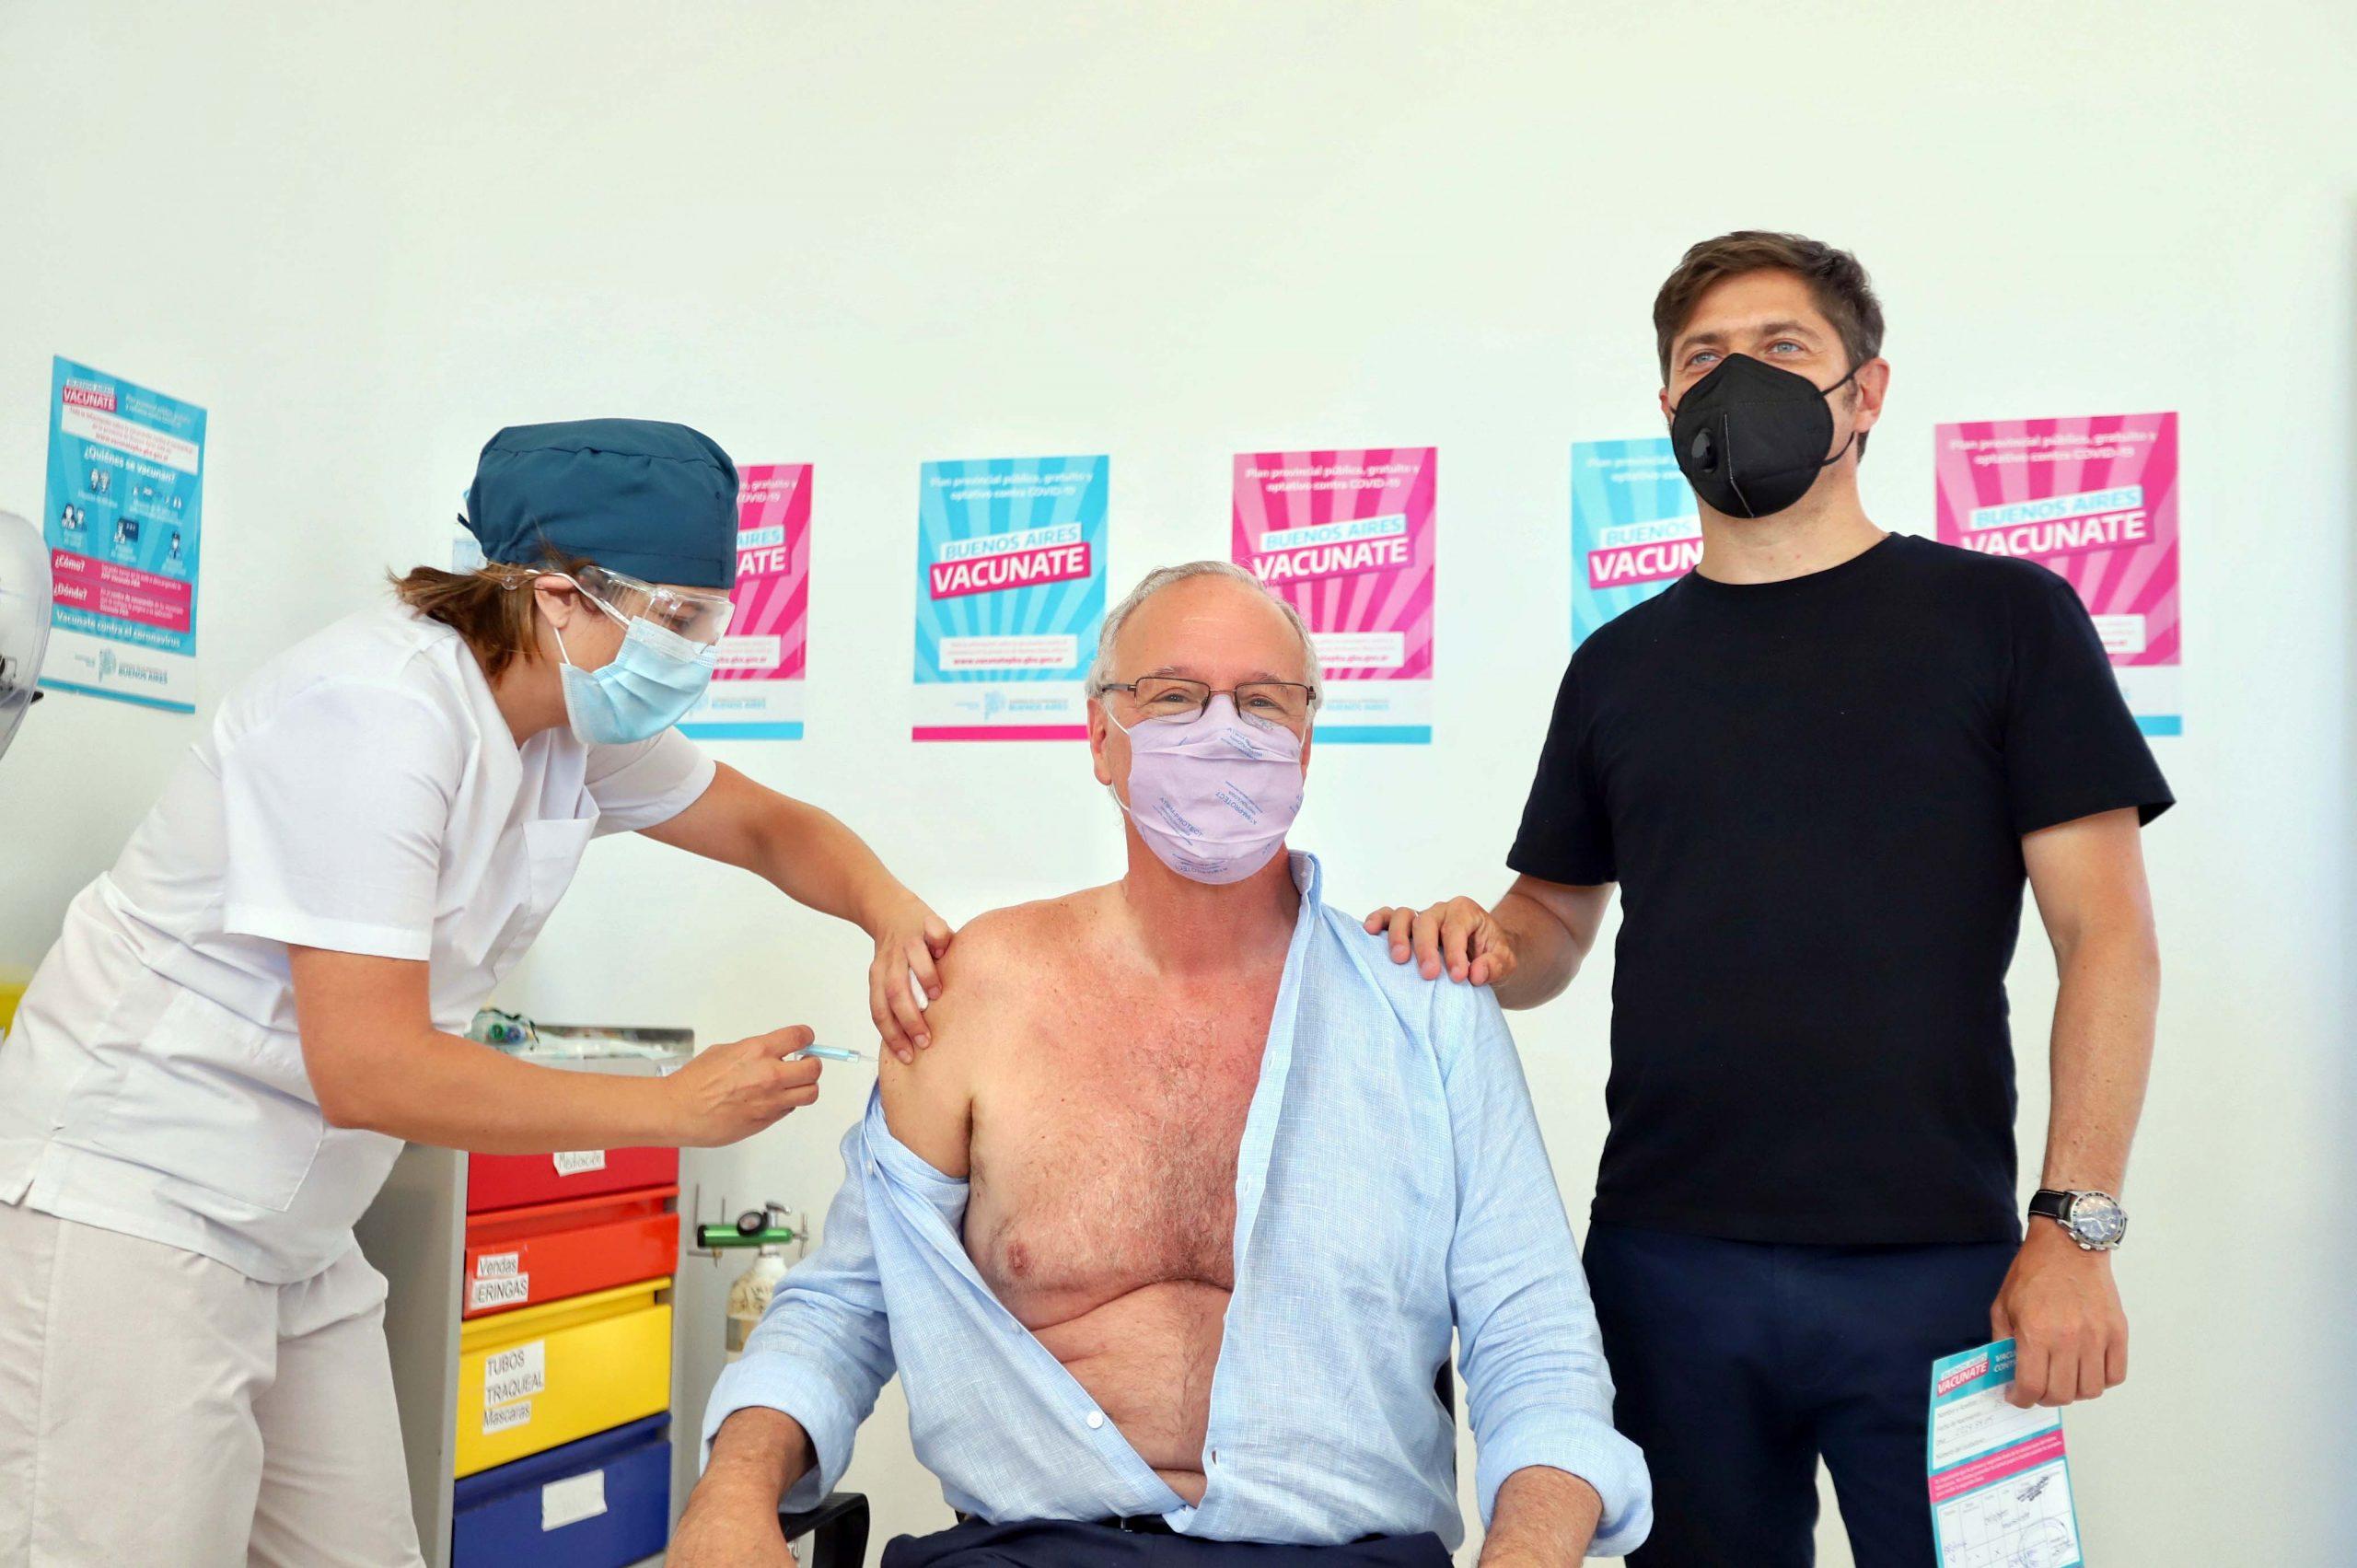 El gobierno bonaerense estima comenzar la vacunación masiva contra el coronavirus «la semana que viene»